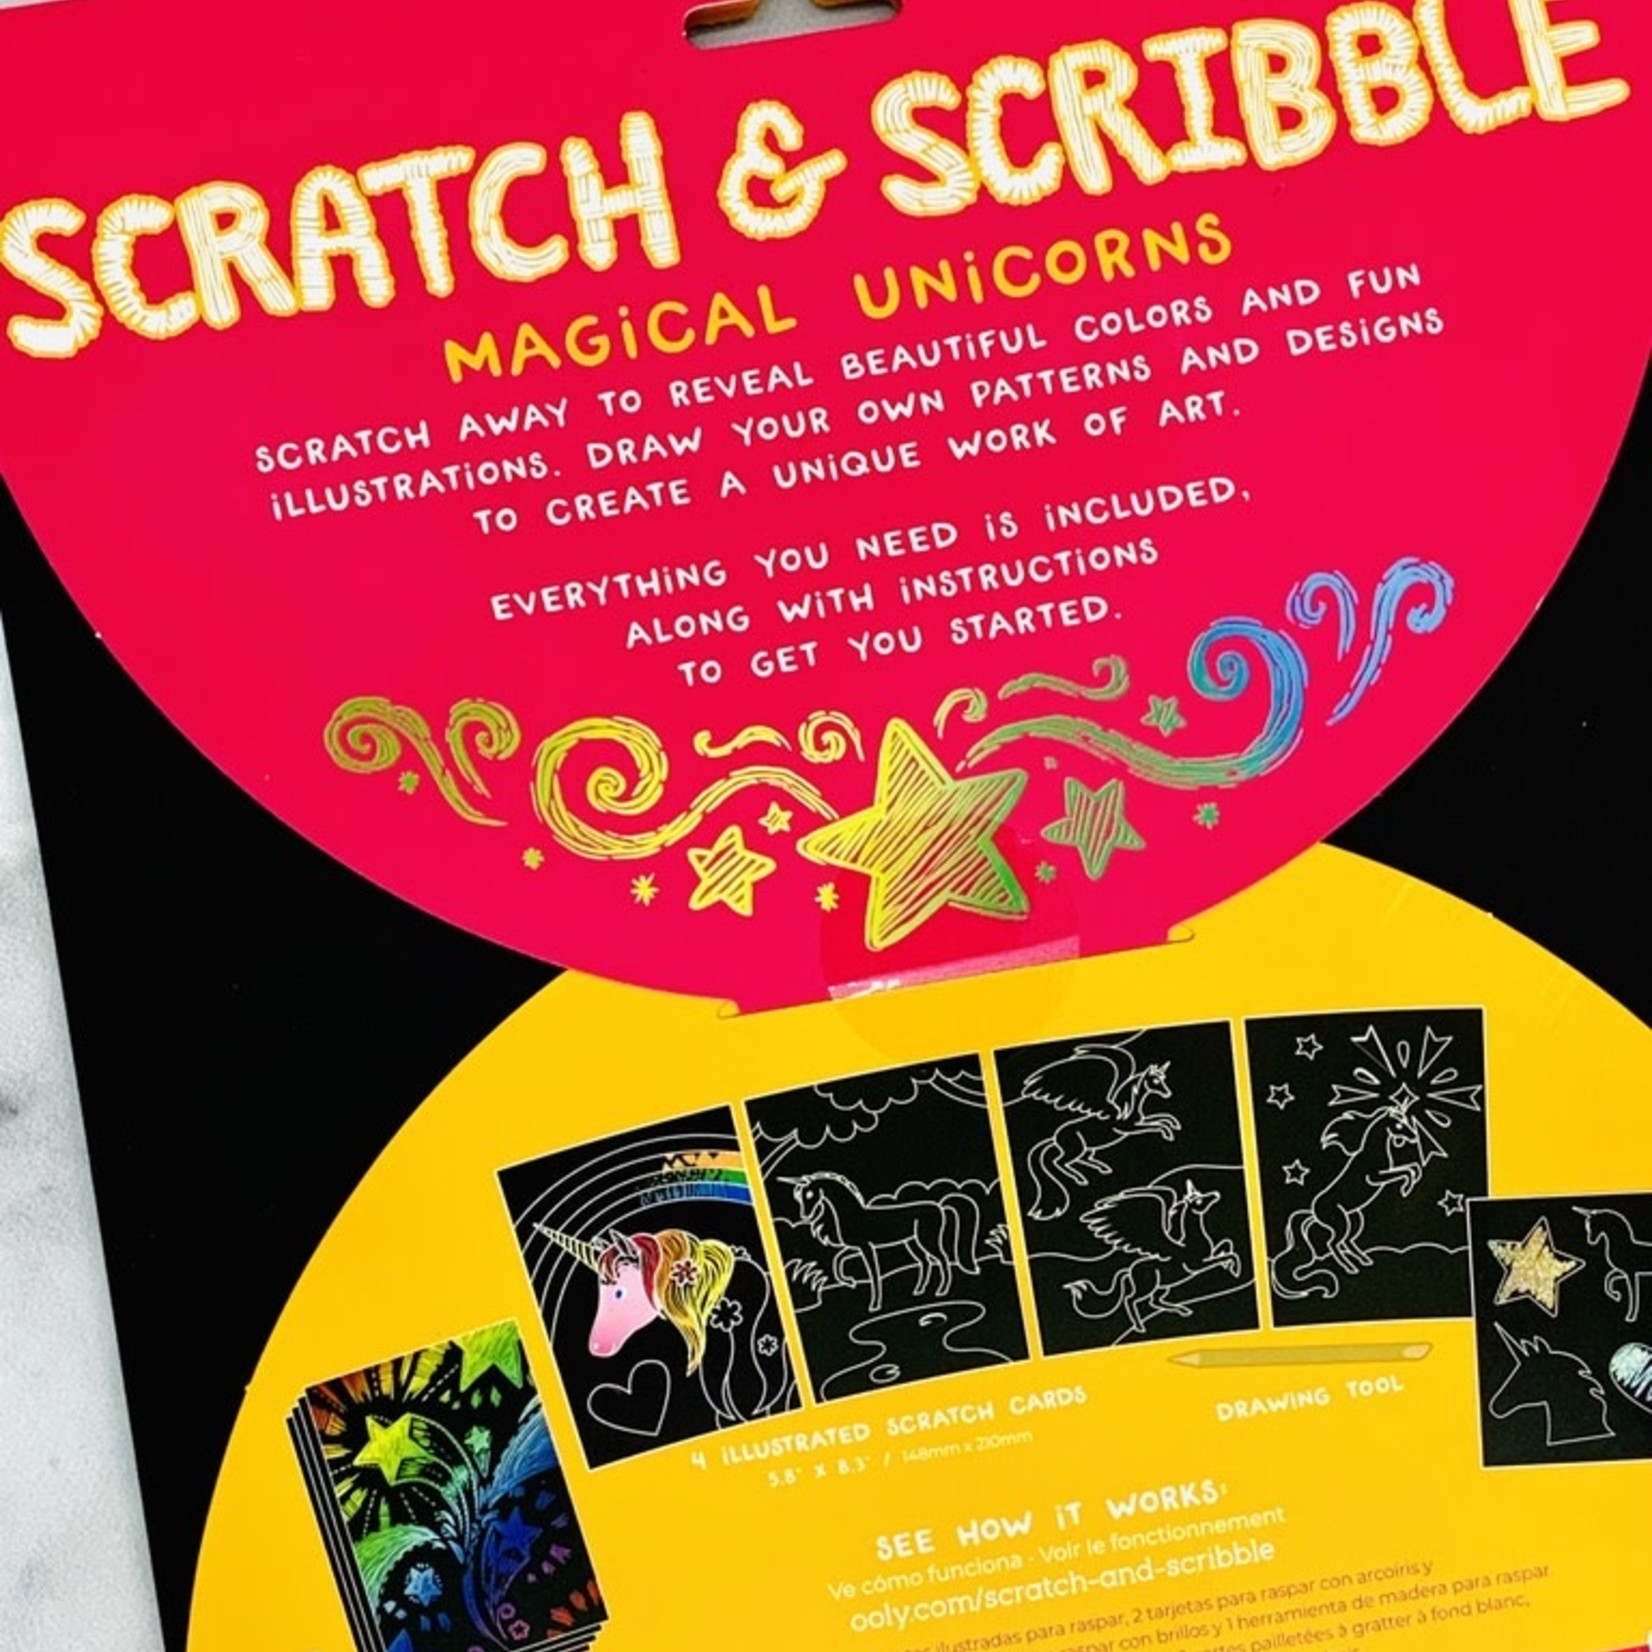 Scratch & Scribble: Magical Unicorns